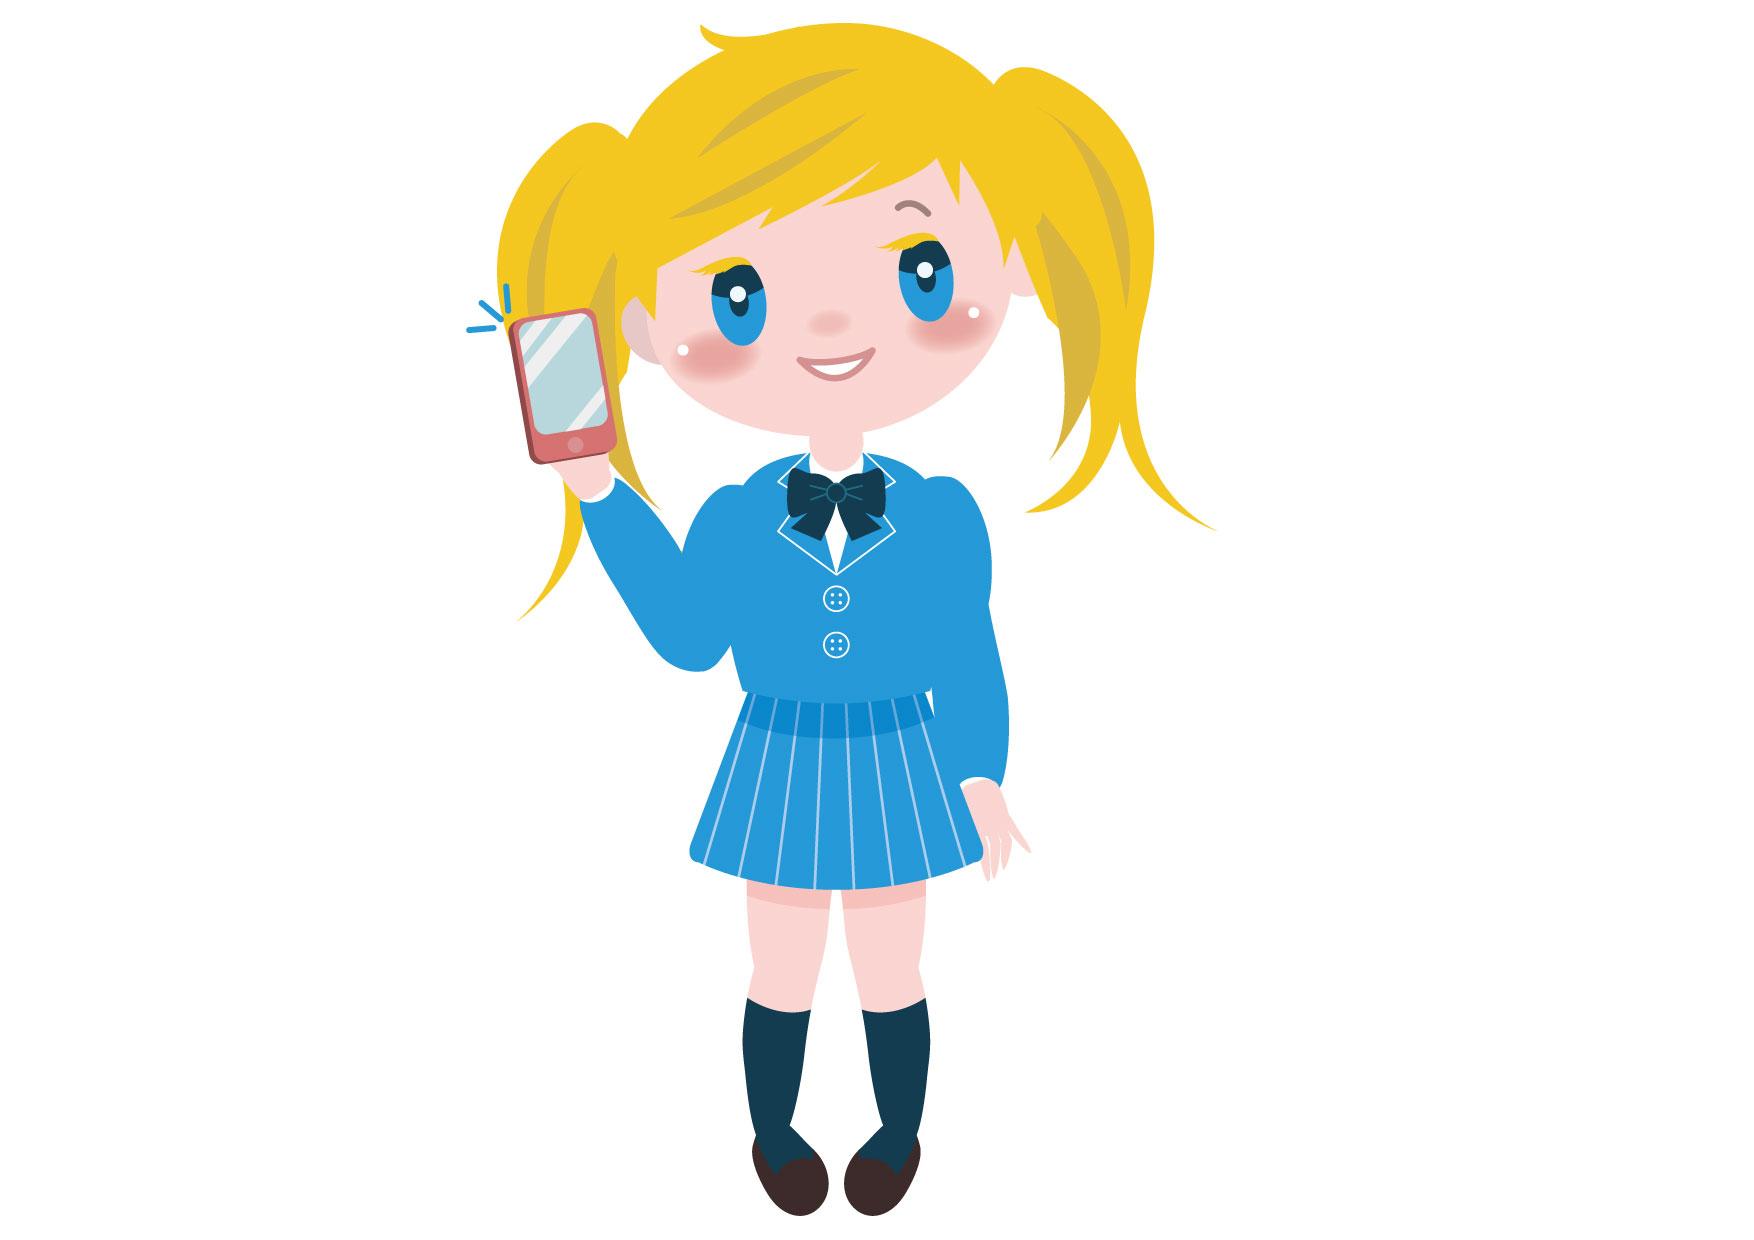 学生 女の子 全身 外国人 スマートフォン イラスト 無料 | イラスト